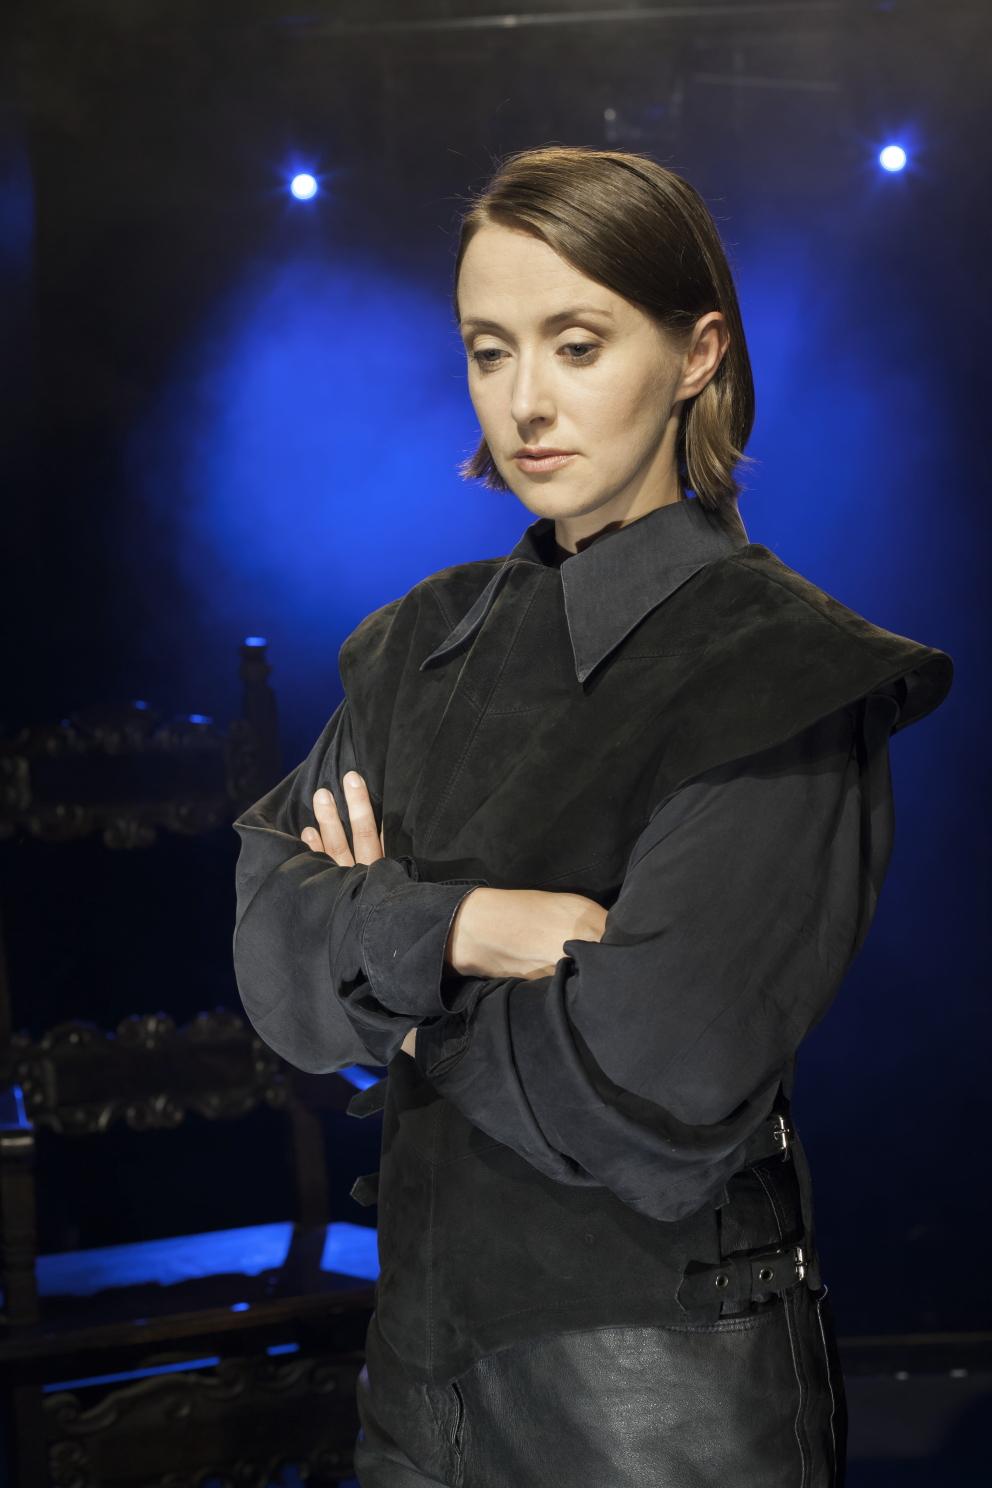 """Marzena Lubaszka, """"Joanna D'Arc w STU"""", fot. Paweł Nowosławski (źródło: materiały prasowe organizatora)"""